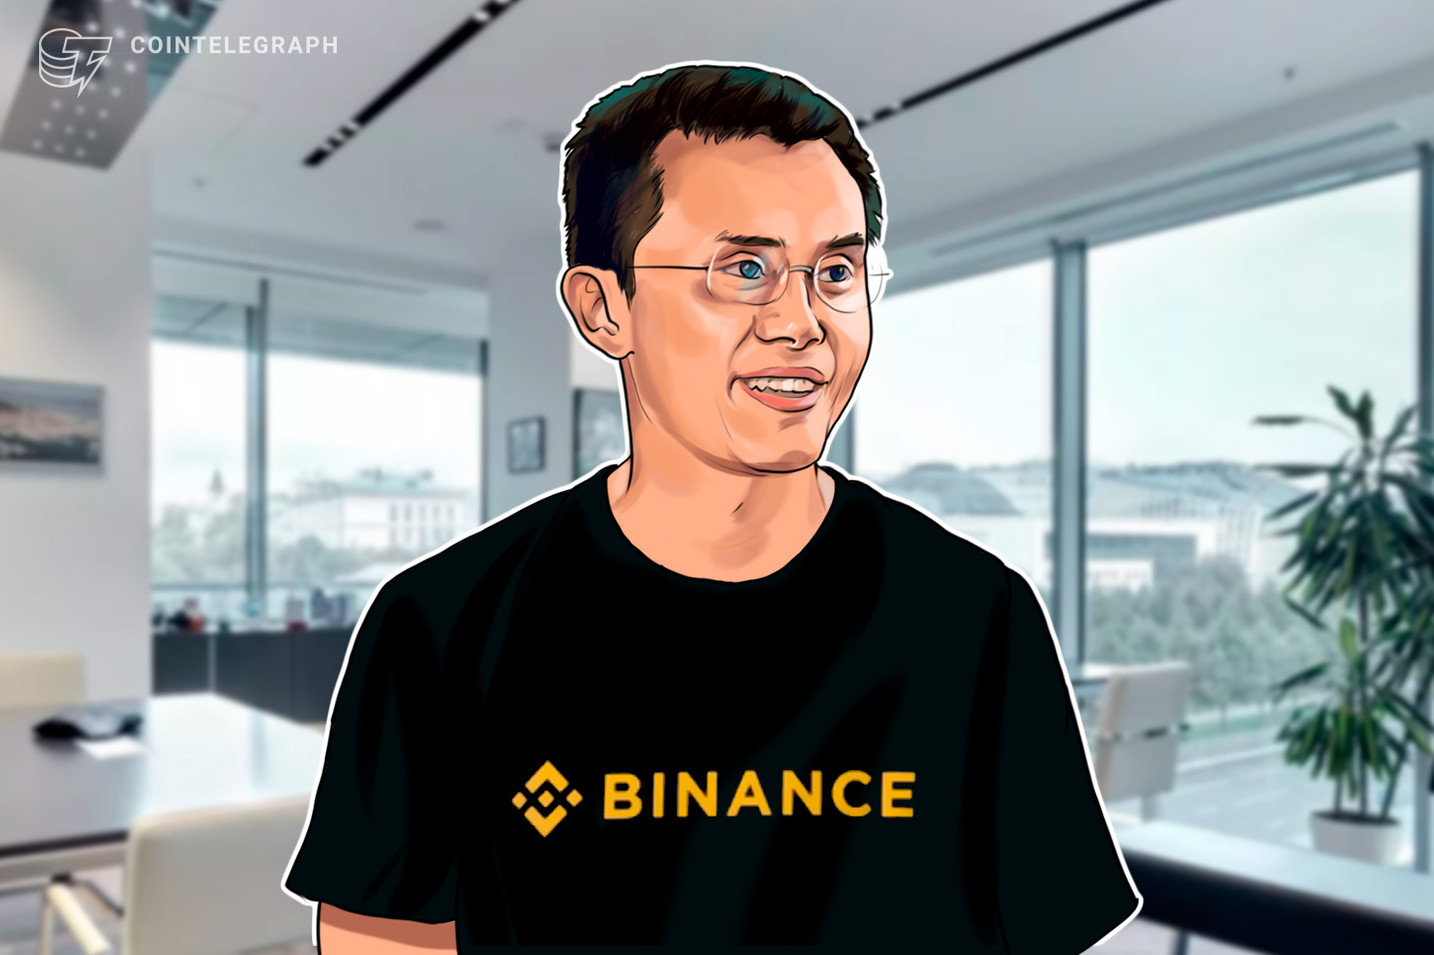 """Cena bitkoina će """"uskoro"""" biti 16.000 dolara, predviđa direktor Binance-a"""